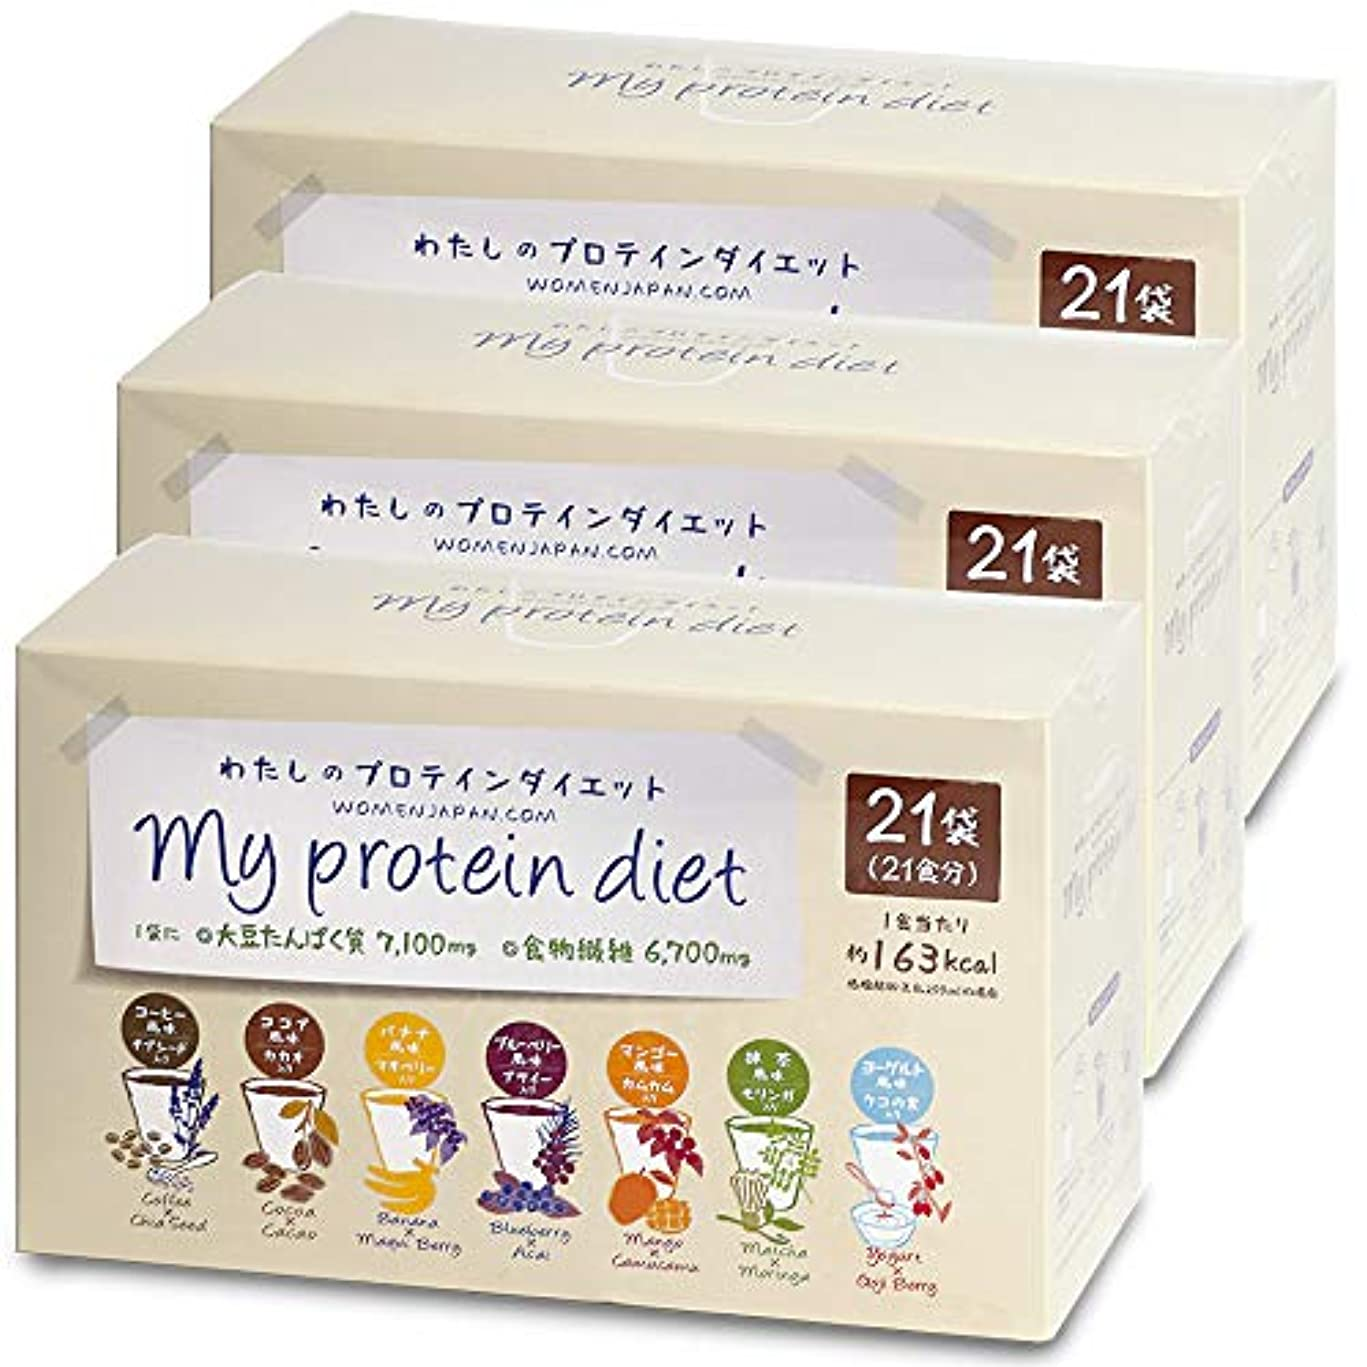 品種早熟重くするわたしのプロテインダイエット 63食セット 1食置き換えダイエットシェイク 低糖質